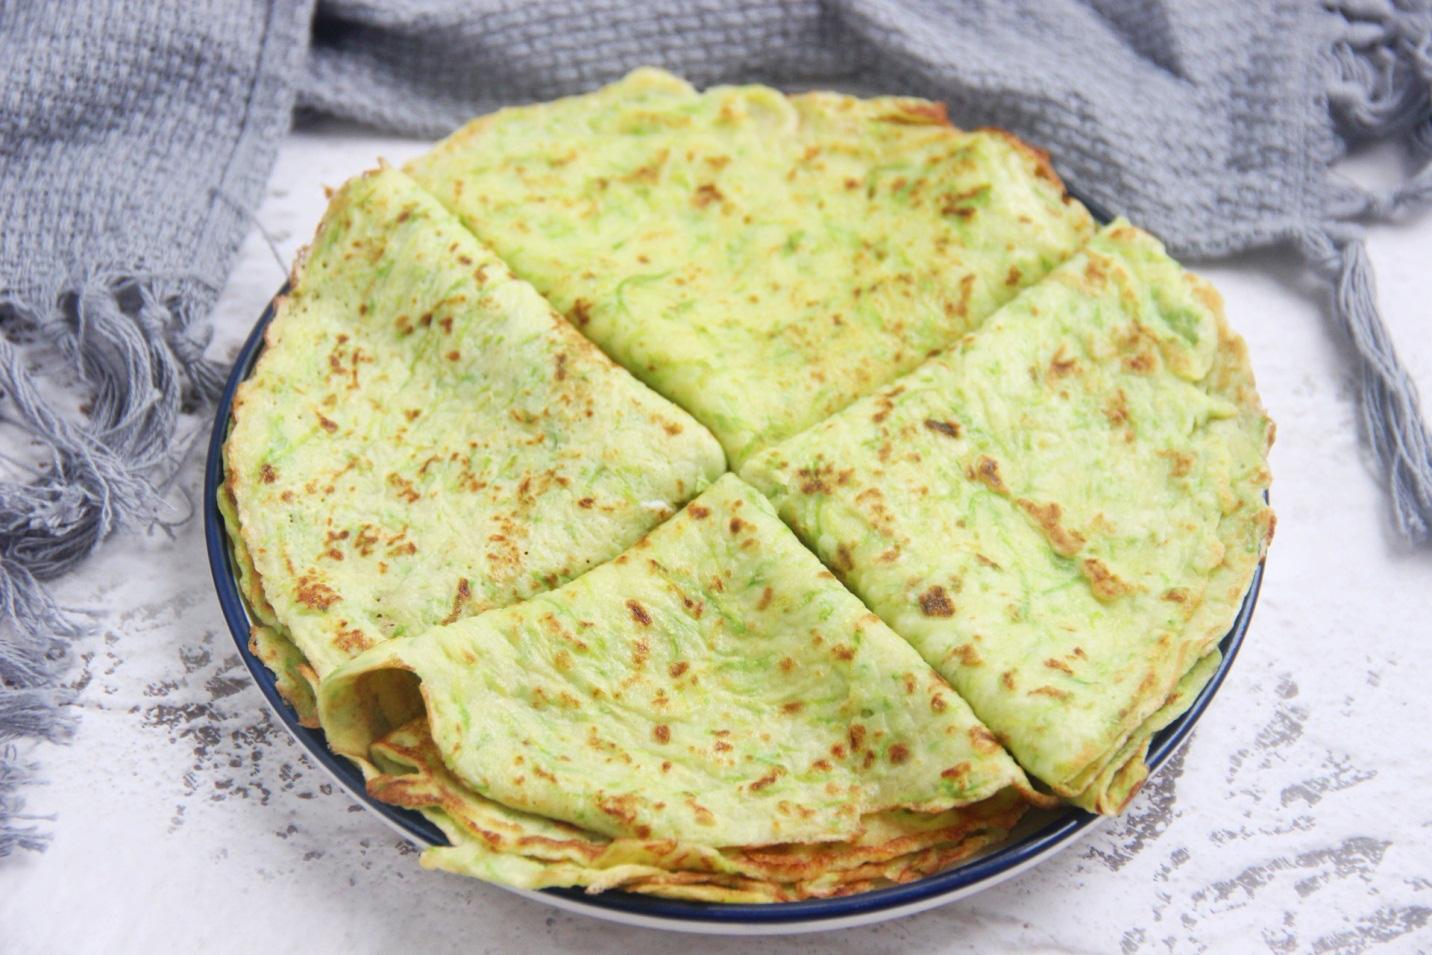 Thử ngay món bánh crepe màu xanh - nguồn bổ sung chất xơ hoàn hảo cho cả nhà - Ảnh 5.